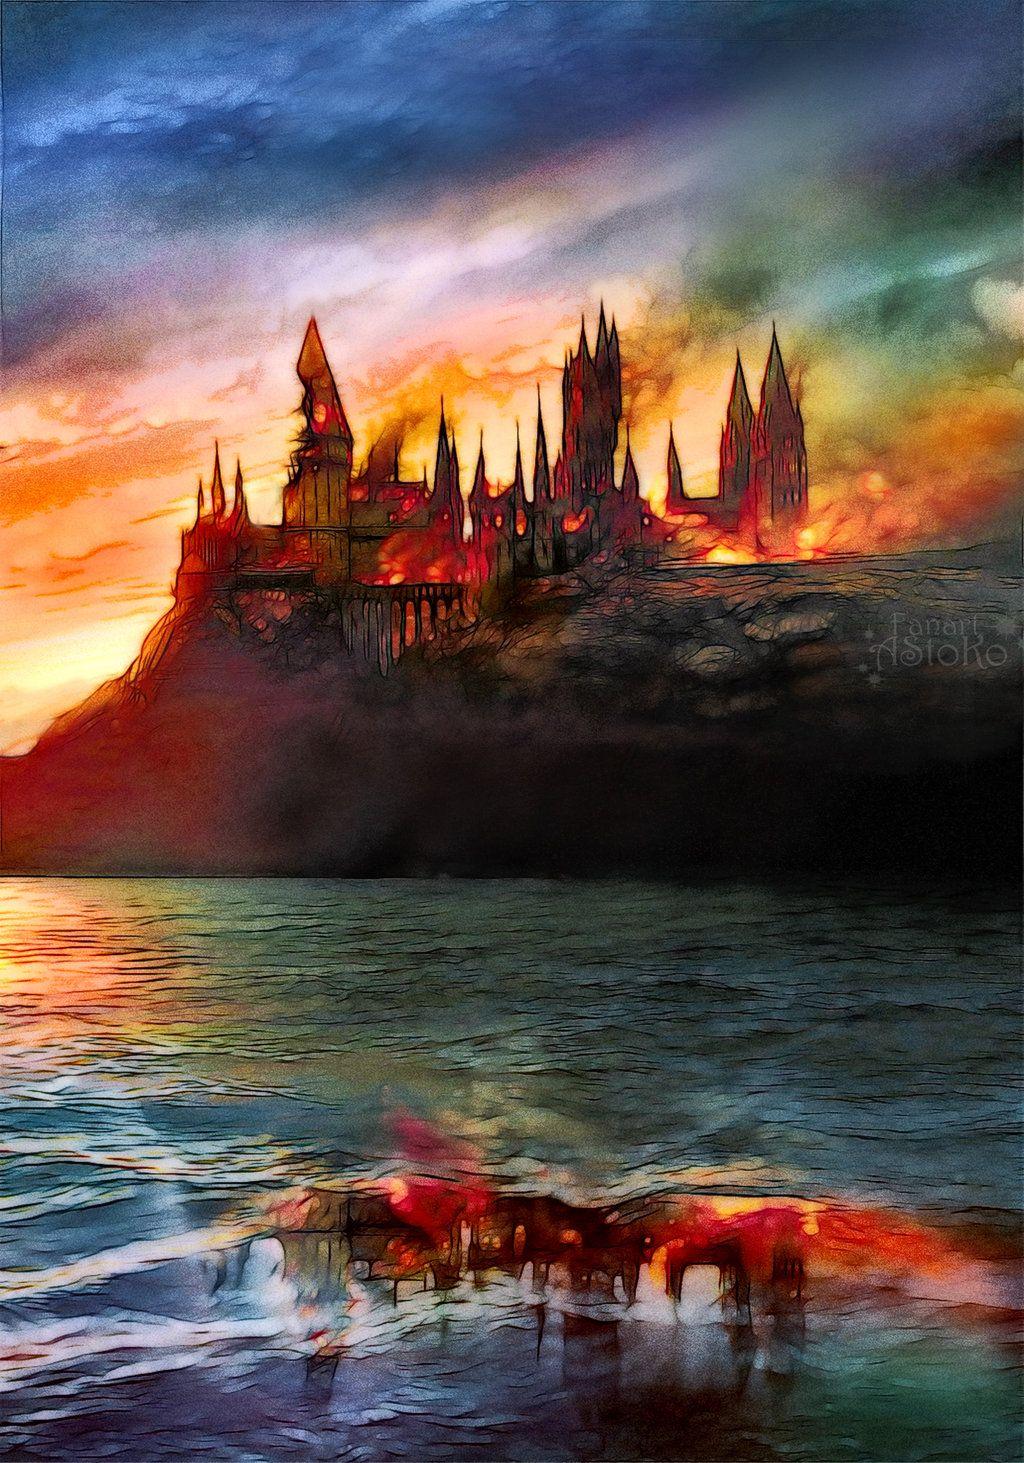 Hogwarts - The End ~ Fanart by AStoKo castle citadel ...